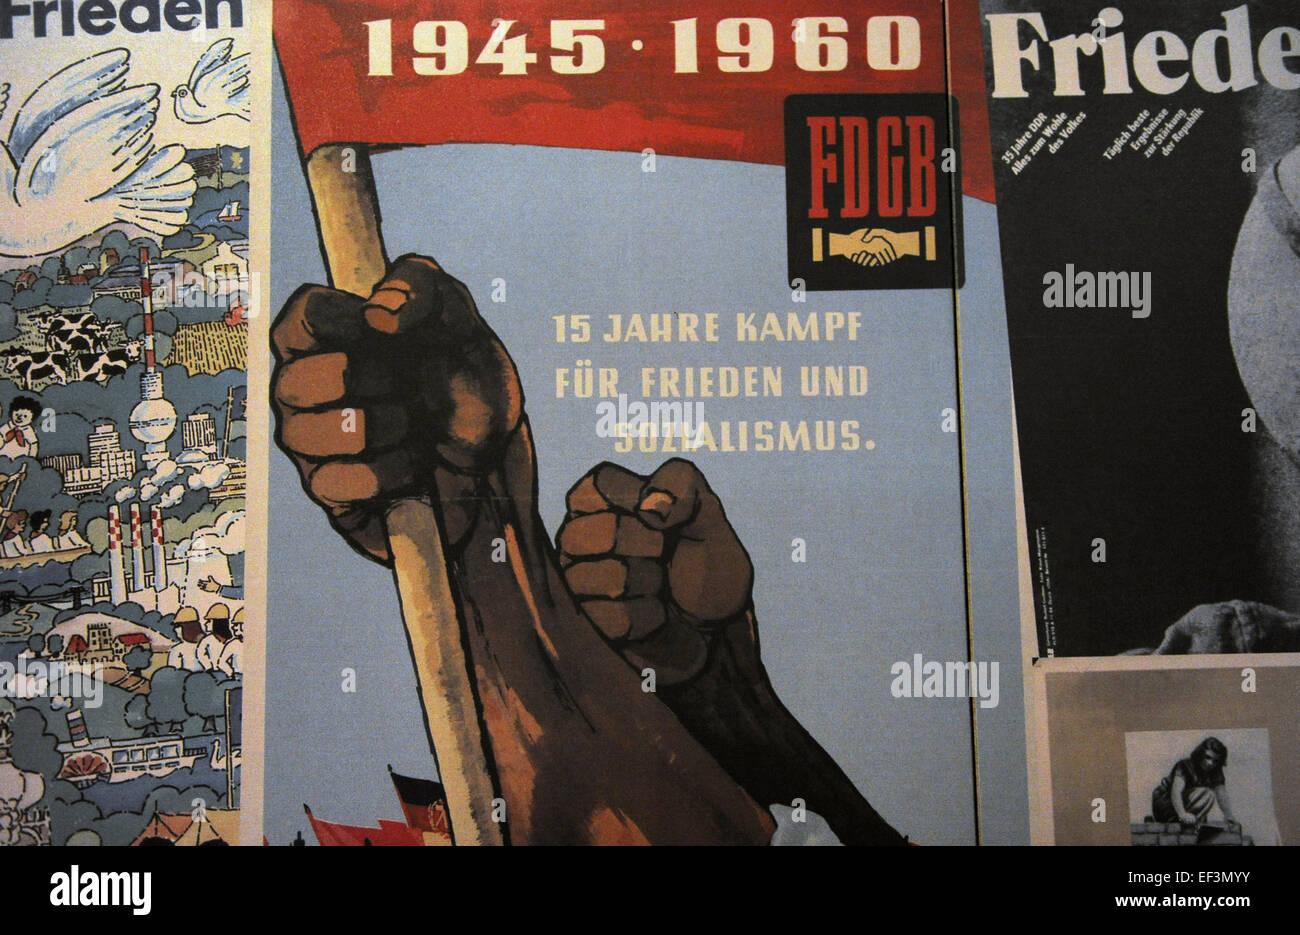 Guerra fredda. Blocco orientale. La propaganda comunista pubblicazioni. La Germania Est. Museo della DDR. Berlino. Immagini Stock